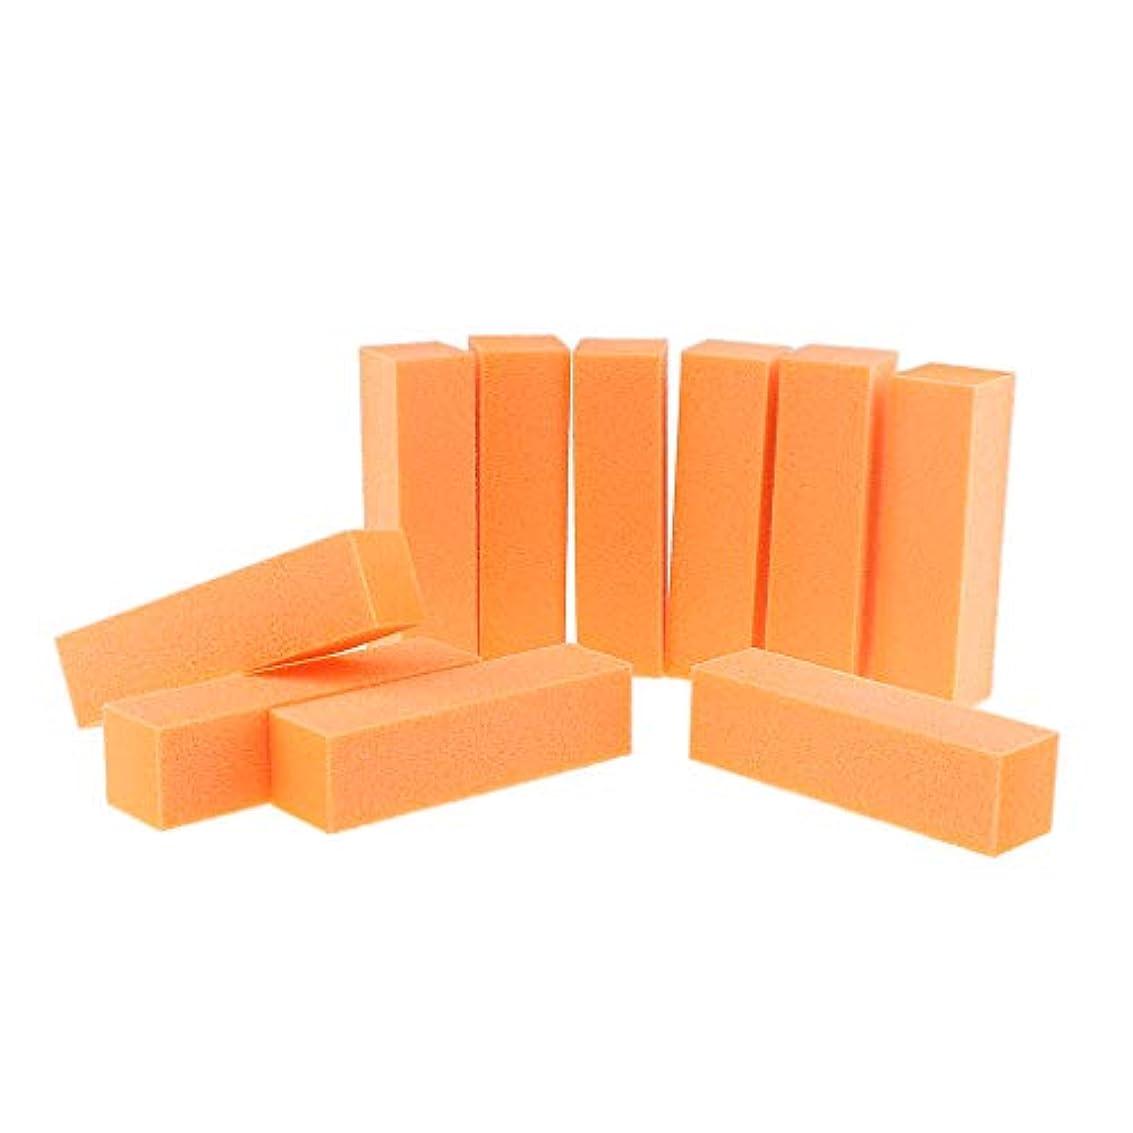 石油止まる適度な10PCSネイルアートケアバッファーバフ研磨サンディングブロックファイルグリットアクリルマニキュアツール-プロフェッショナルサロン使用または家庭用 - オレンジ